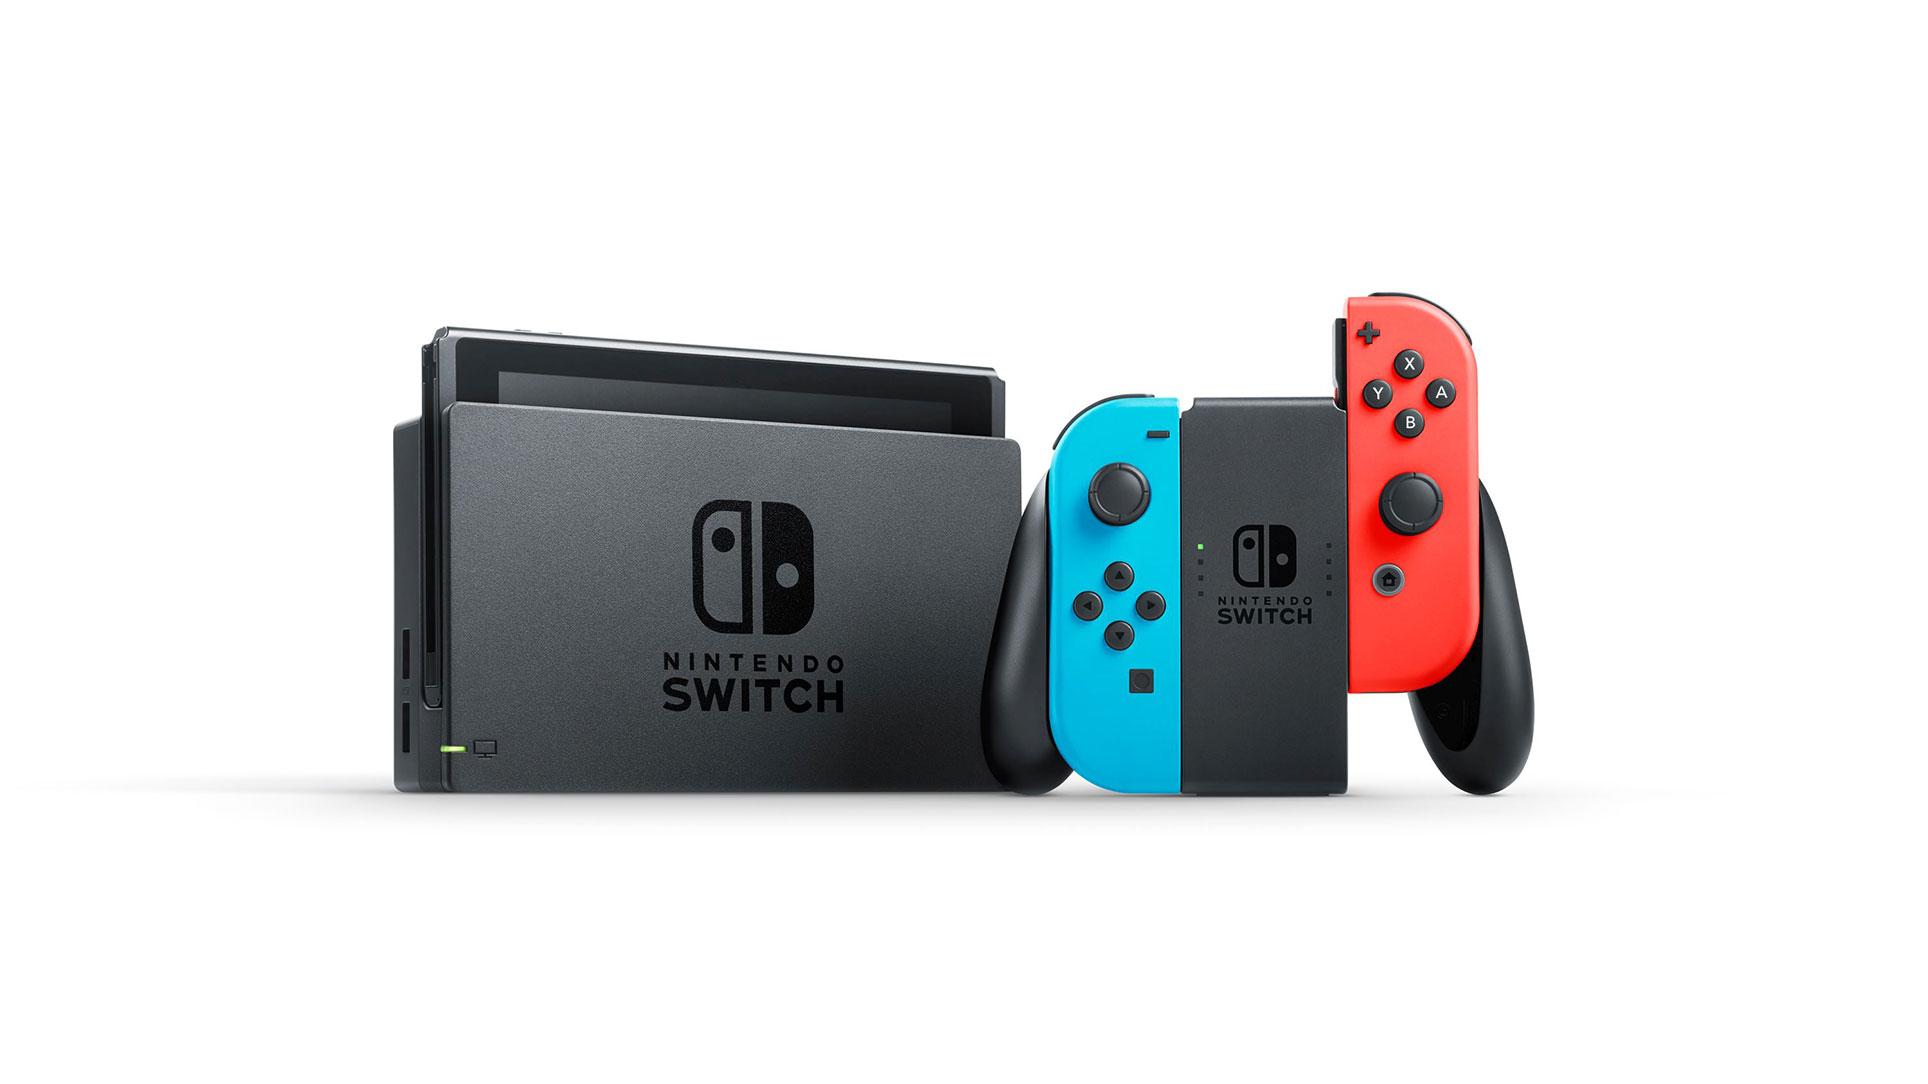 Läuft wesentlich besser als der Vorgänger WiiU und hat Nintendo bisher ein starkes Jahr 2017 beschert: die Switch.